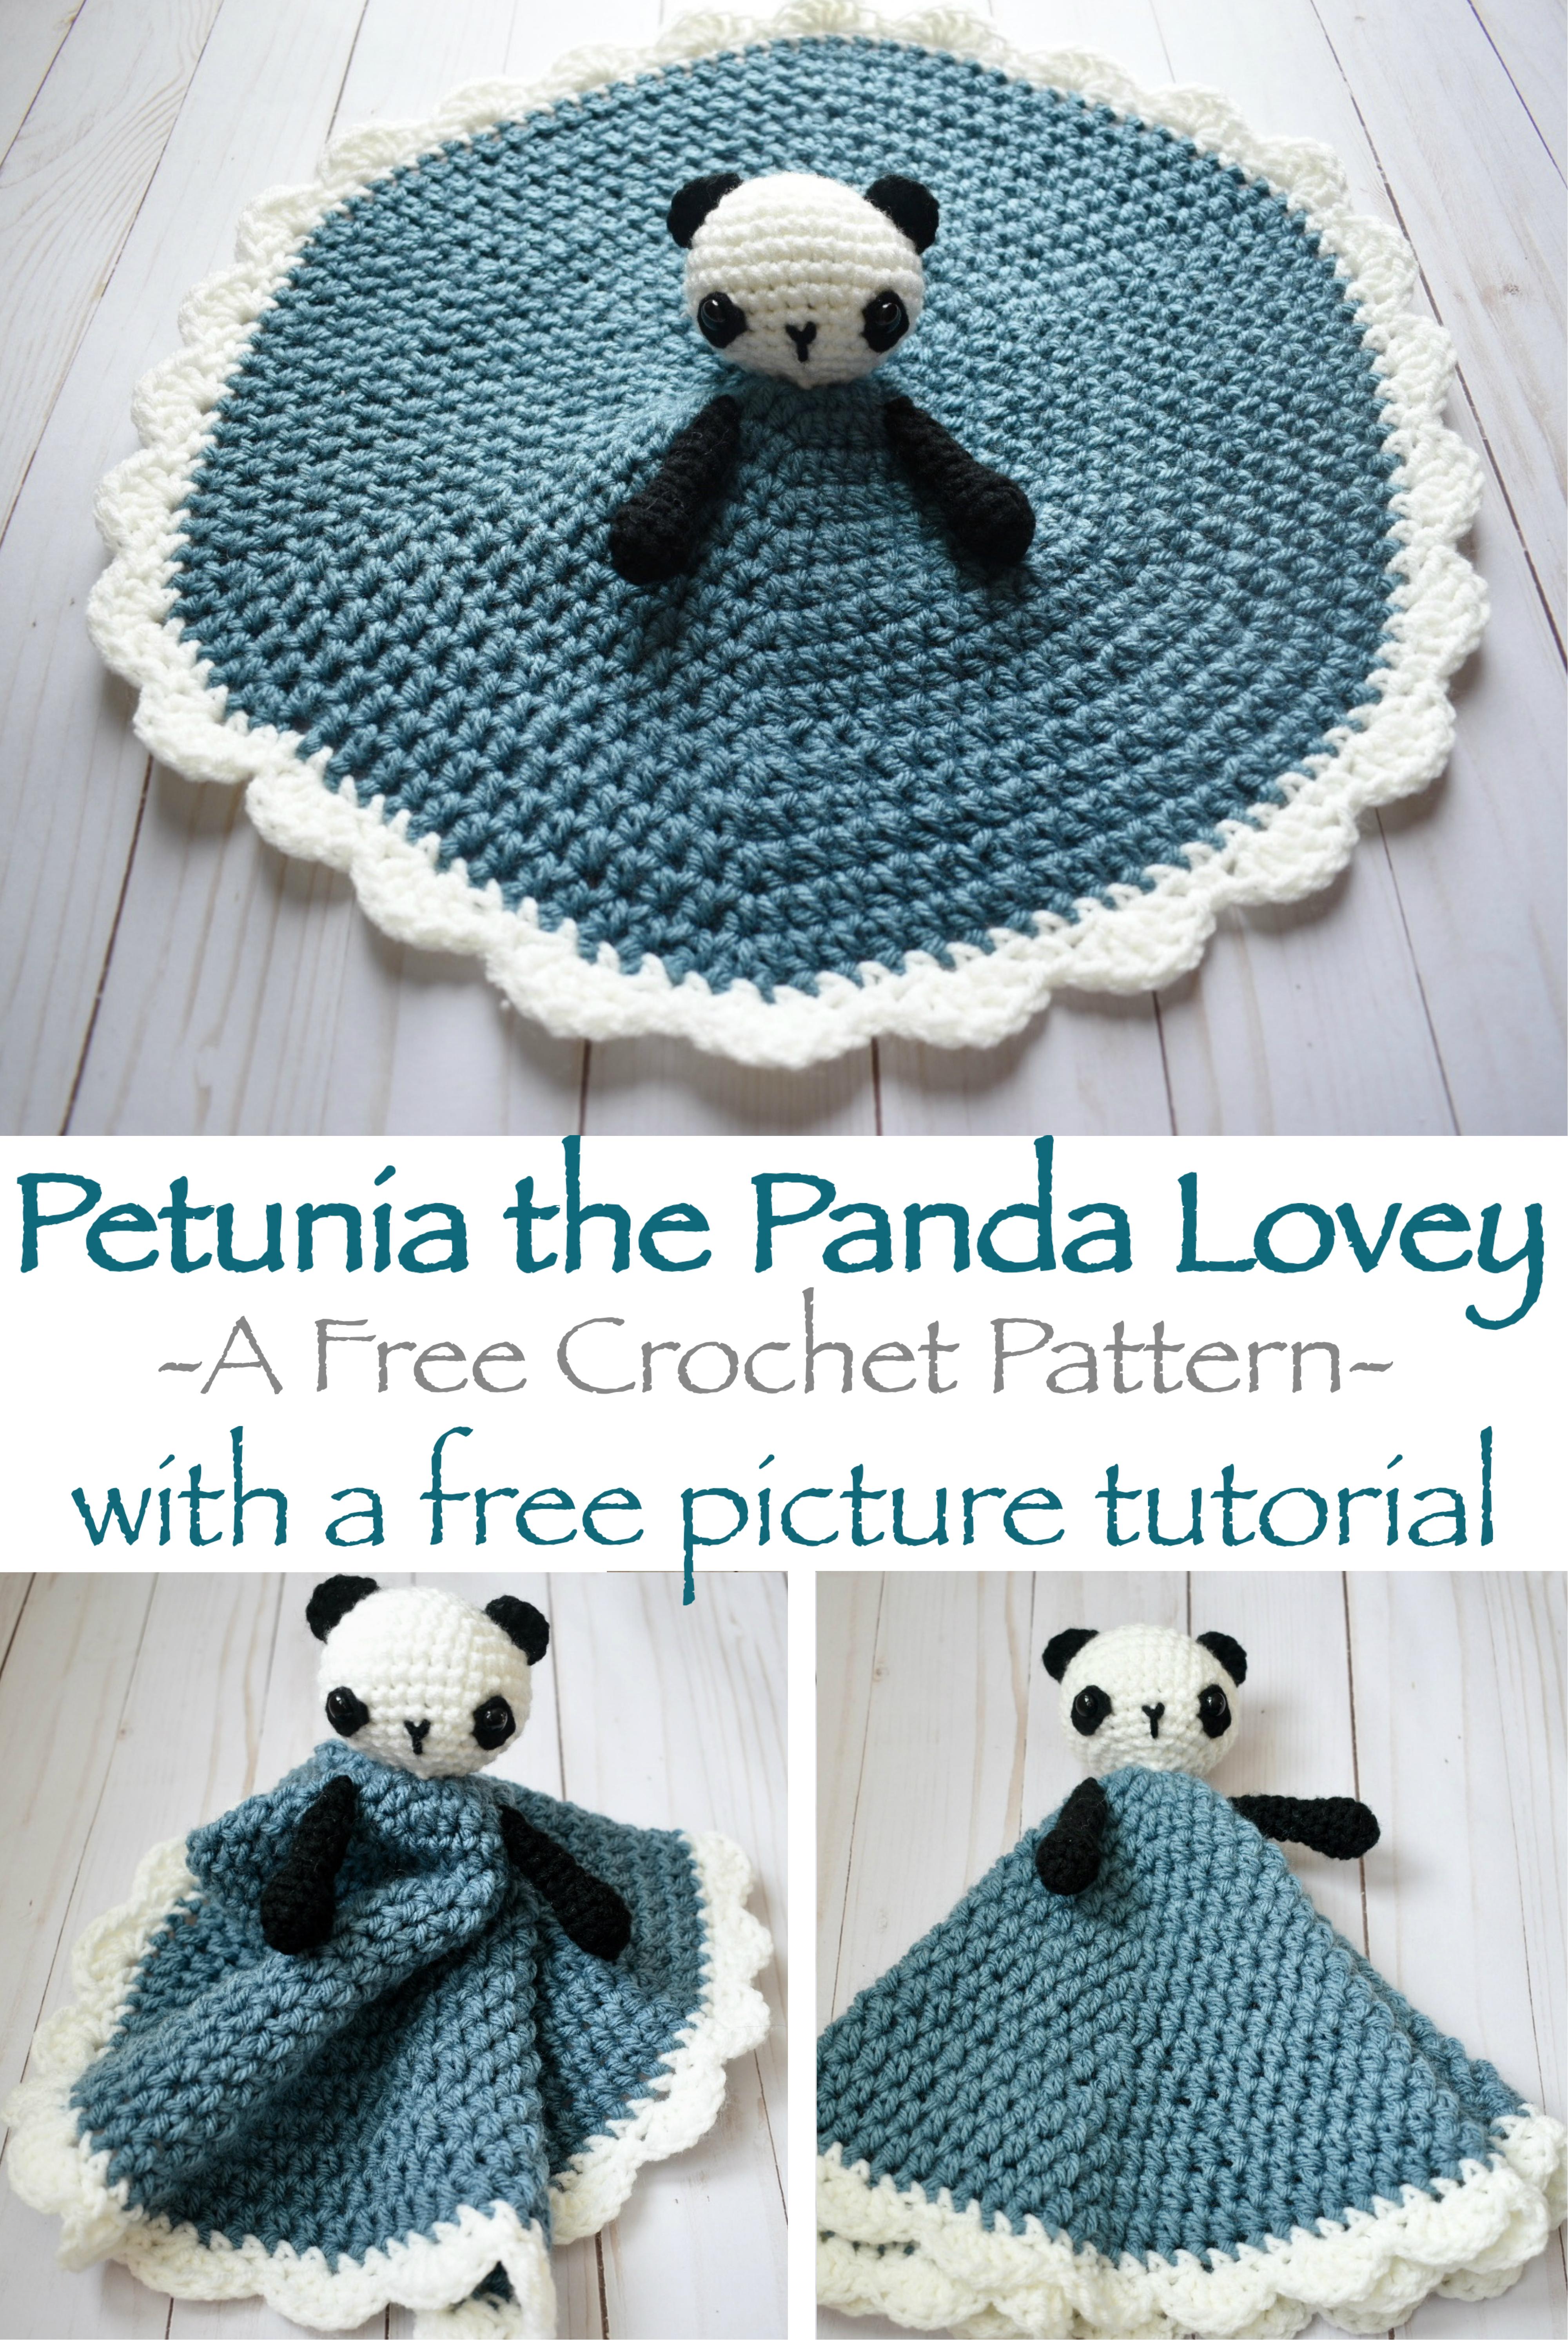 Petunia the Panda Lovey